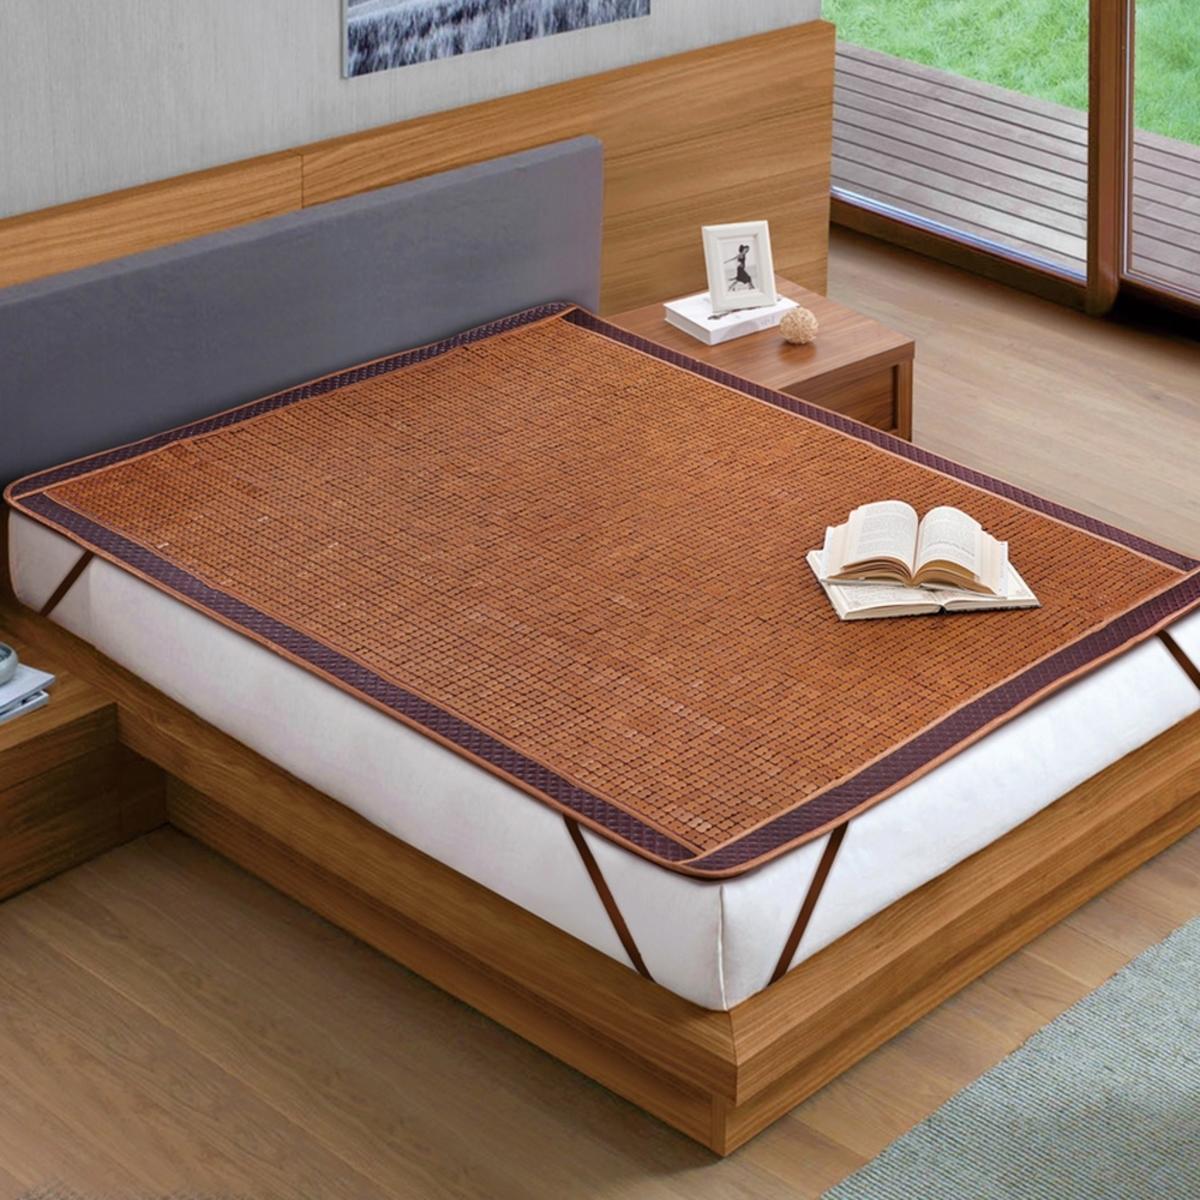 睡綿綿雙人加大嚴選純炭化竹涼蓆 180 x 186 公分